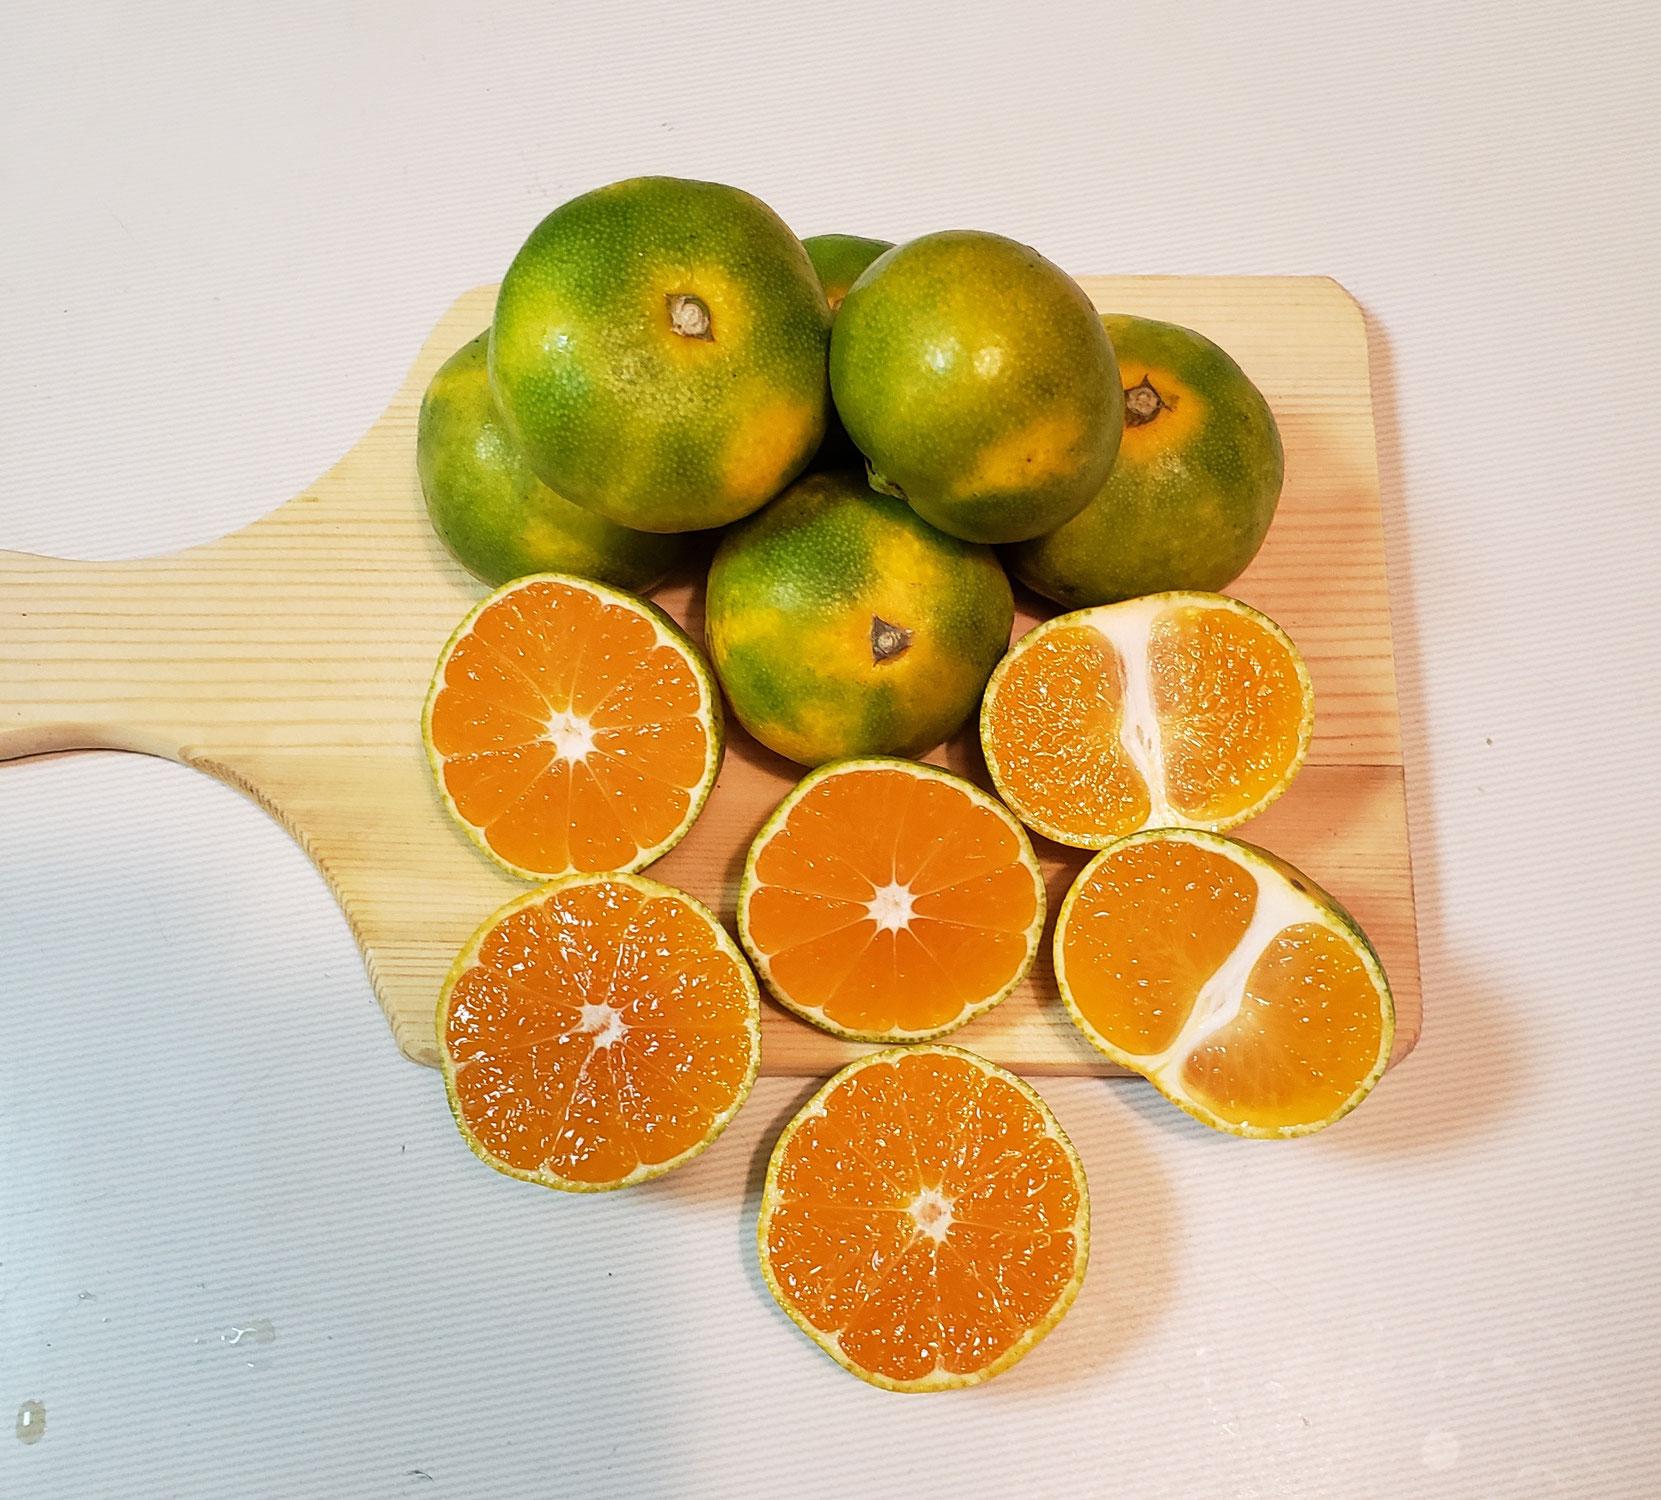 柑橘のシーズン到来